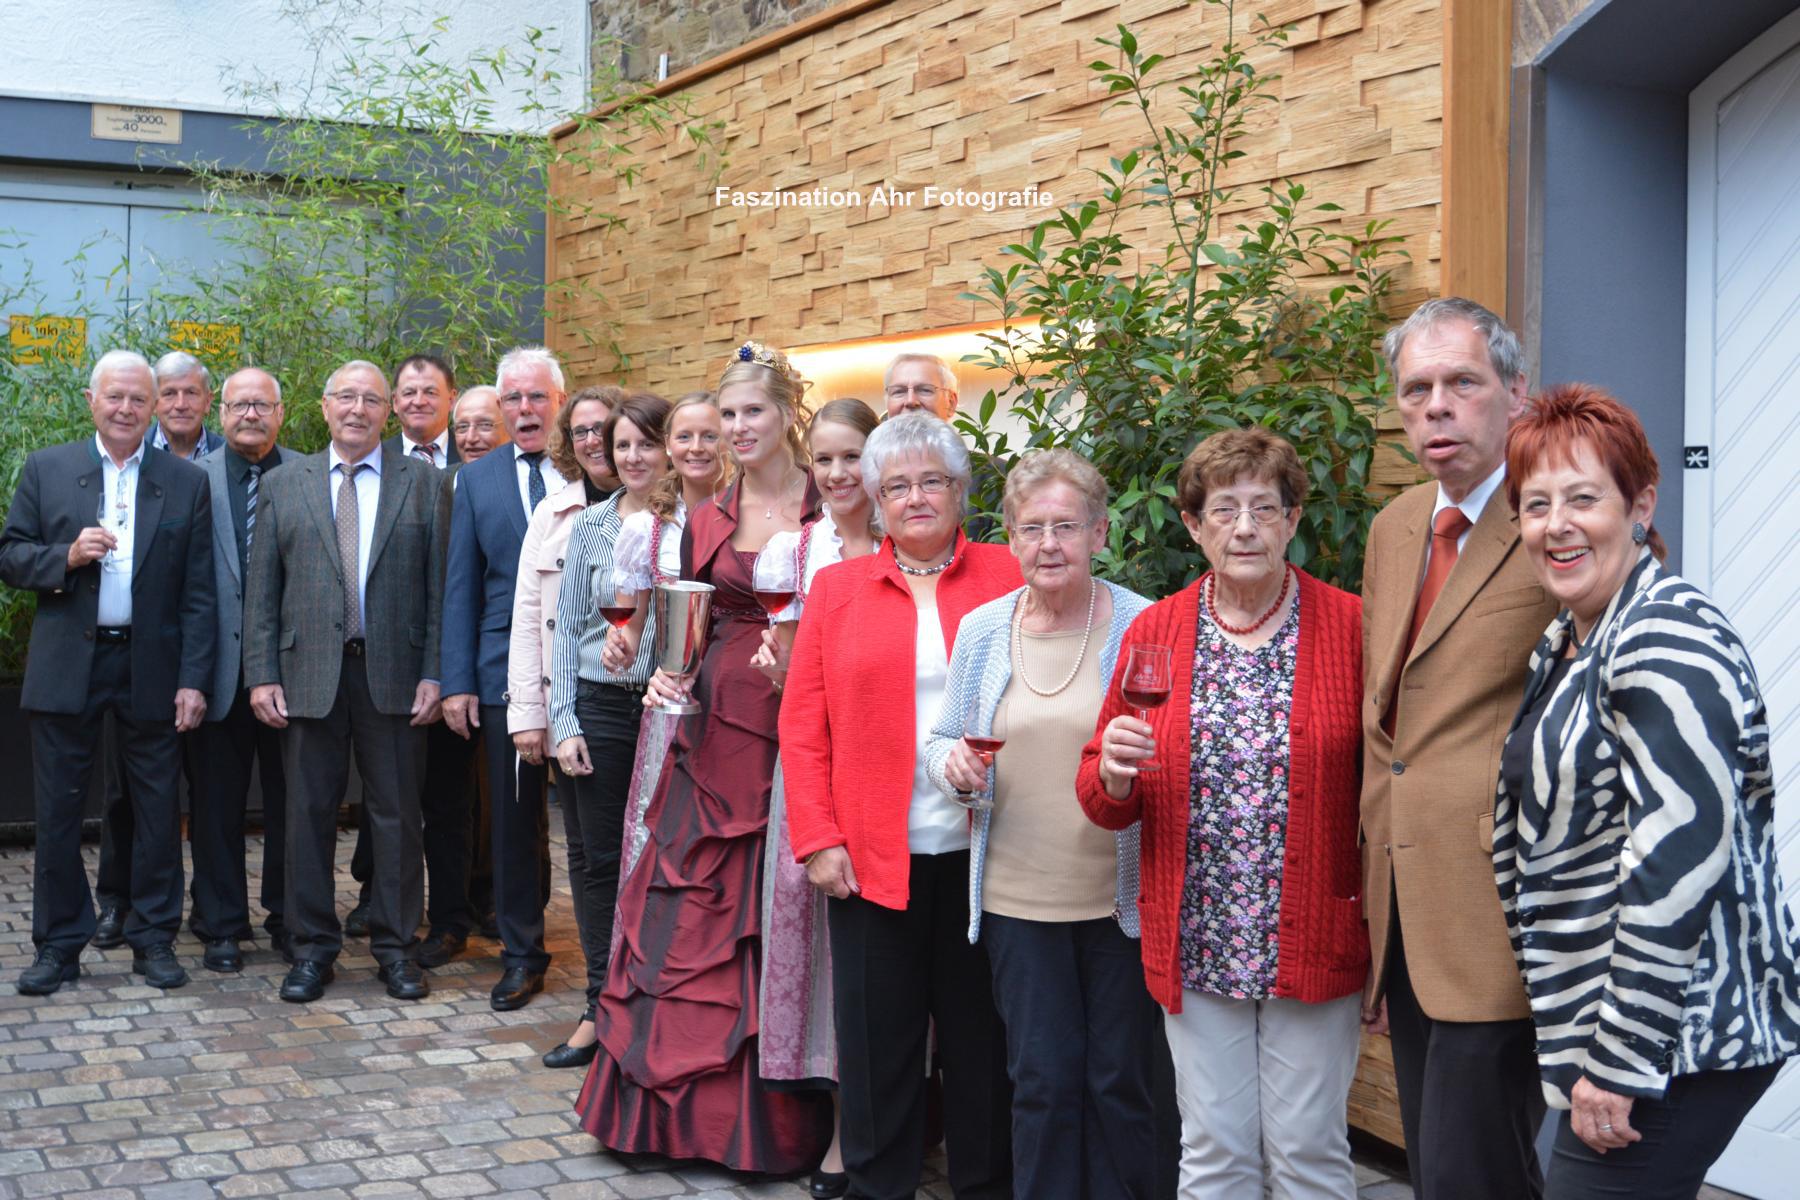 Der Verkehrsverein mit den Jubiläumsweinköniginnen, der amtierenden Weinkönigin mit ihren Prinzessinnen und Verbandsgemeindebürgermeister Achim Haag.